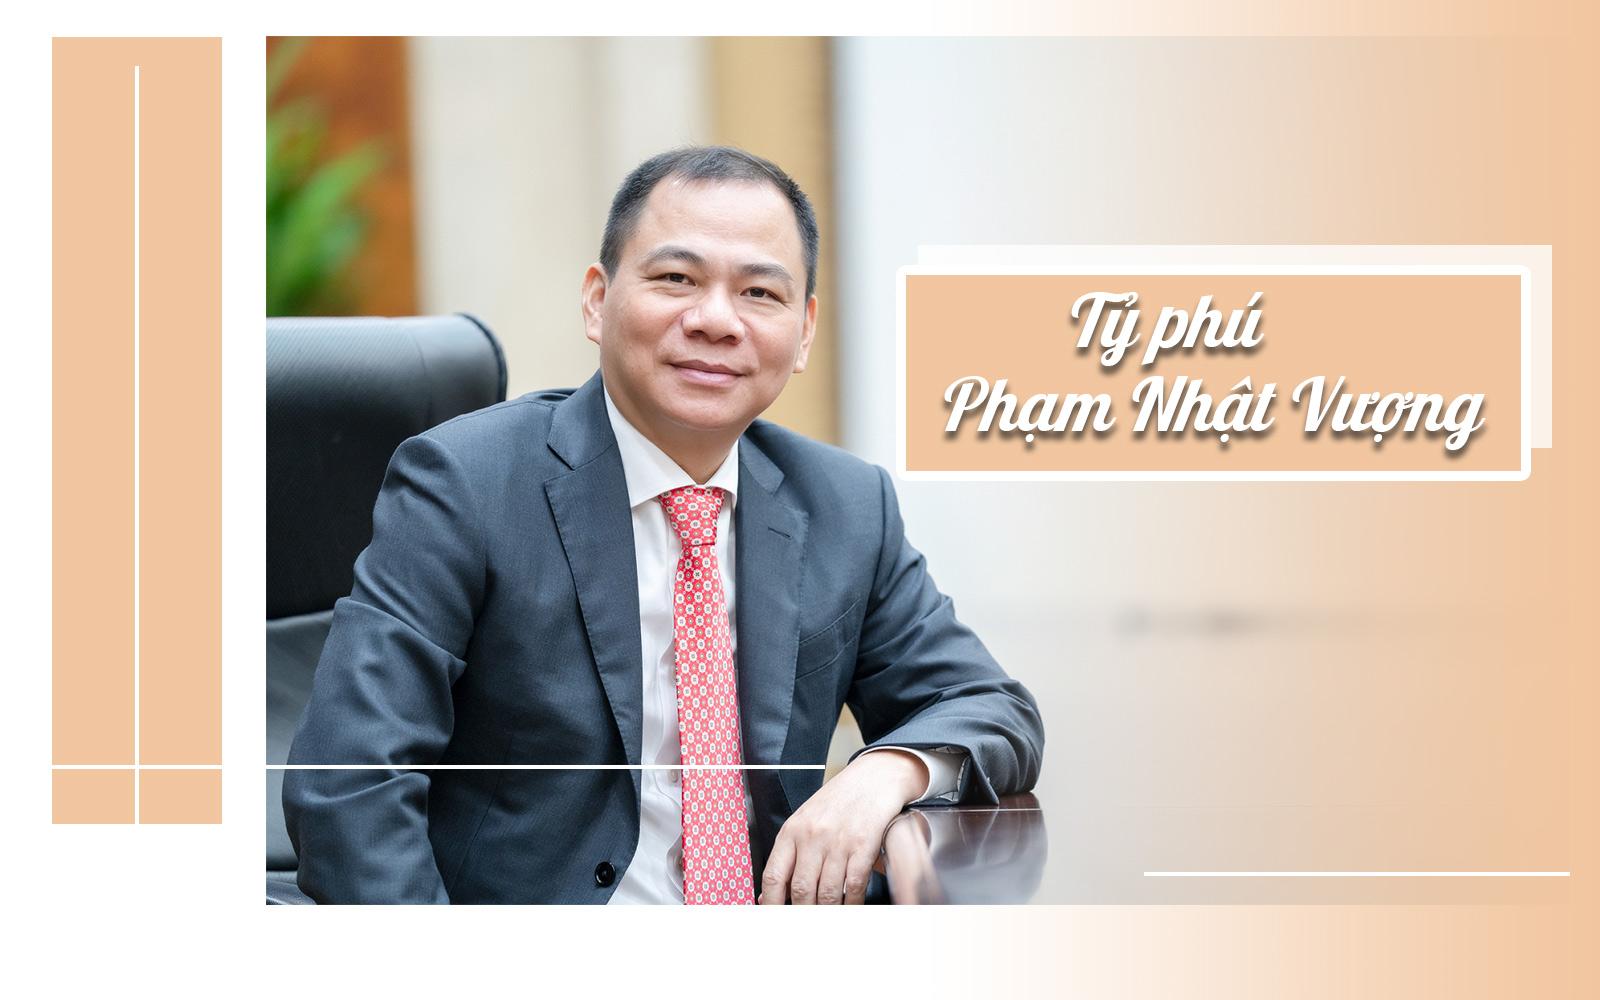 """Soi """"hậu phương"""" của tỷ phú Phạm Nhật Vượng và các đại gia Việt - 3"""